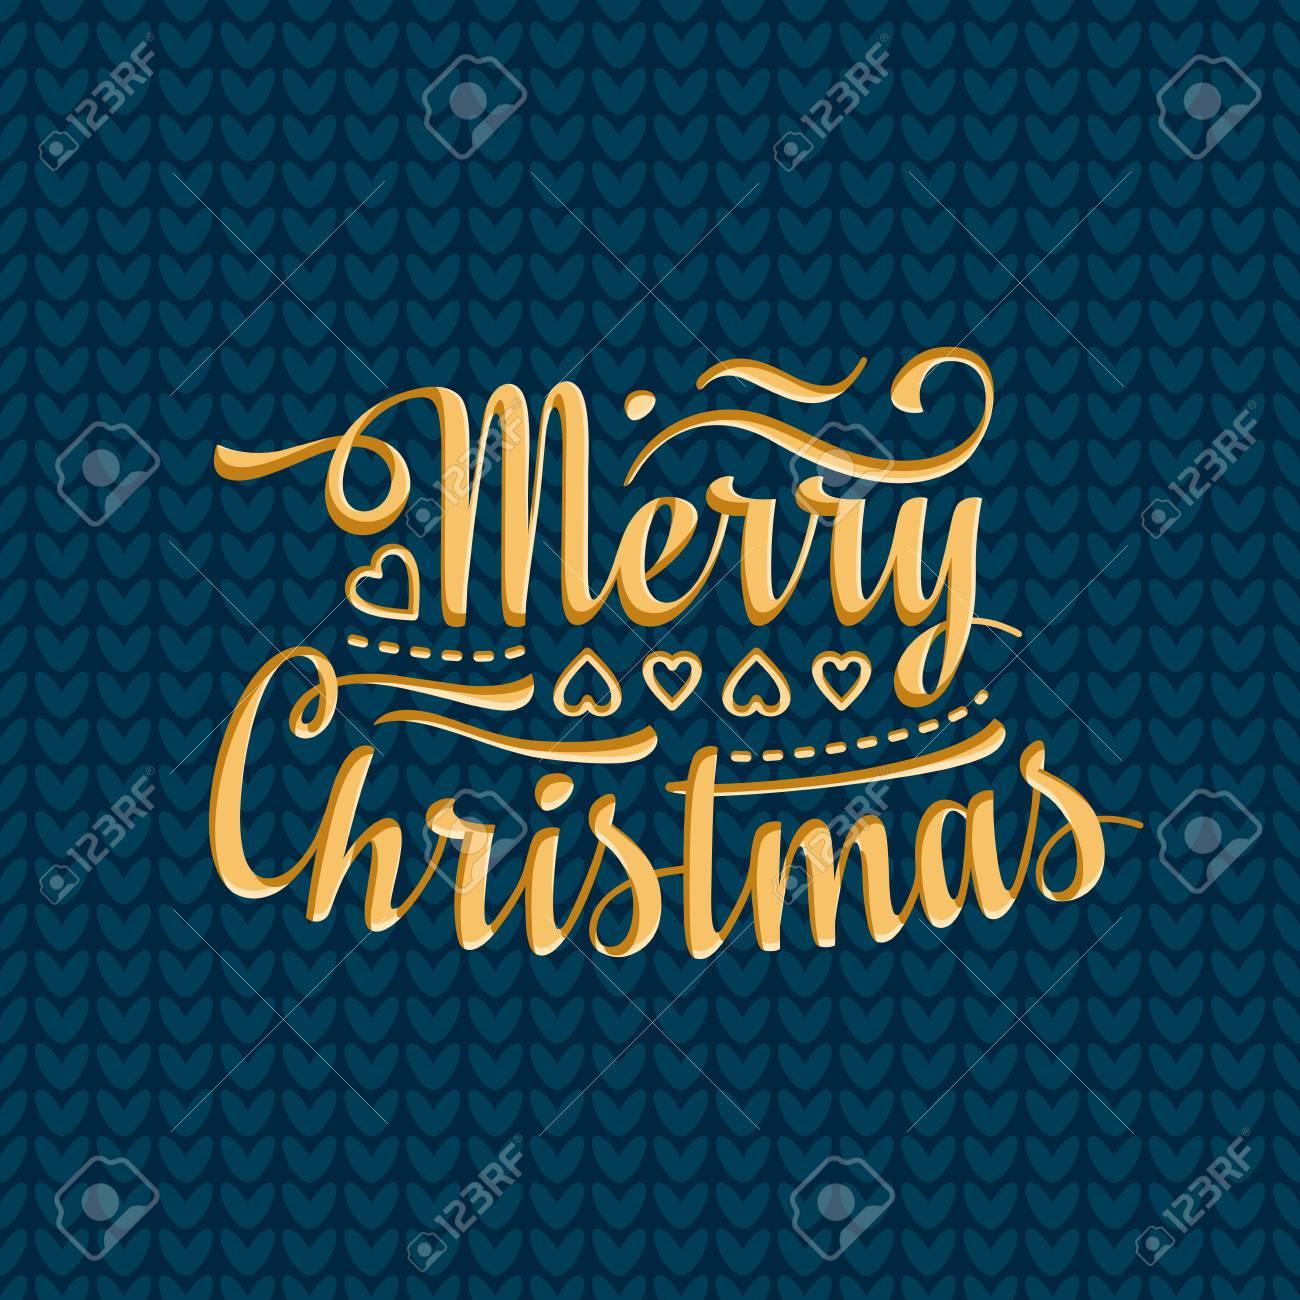 Joyeux Texte De Lettrage De Noël Un Message De Fête Noël Et Nouvel An De Fond Image Vectorielle Pour La Carte De Voeux